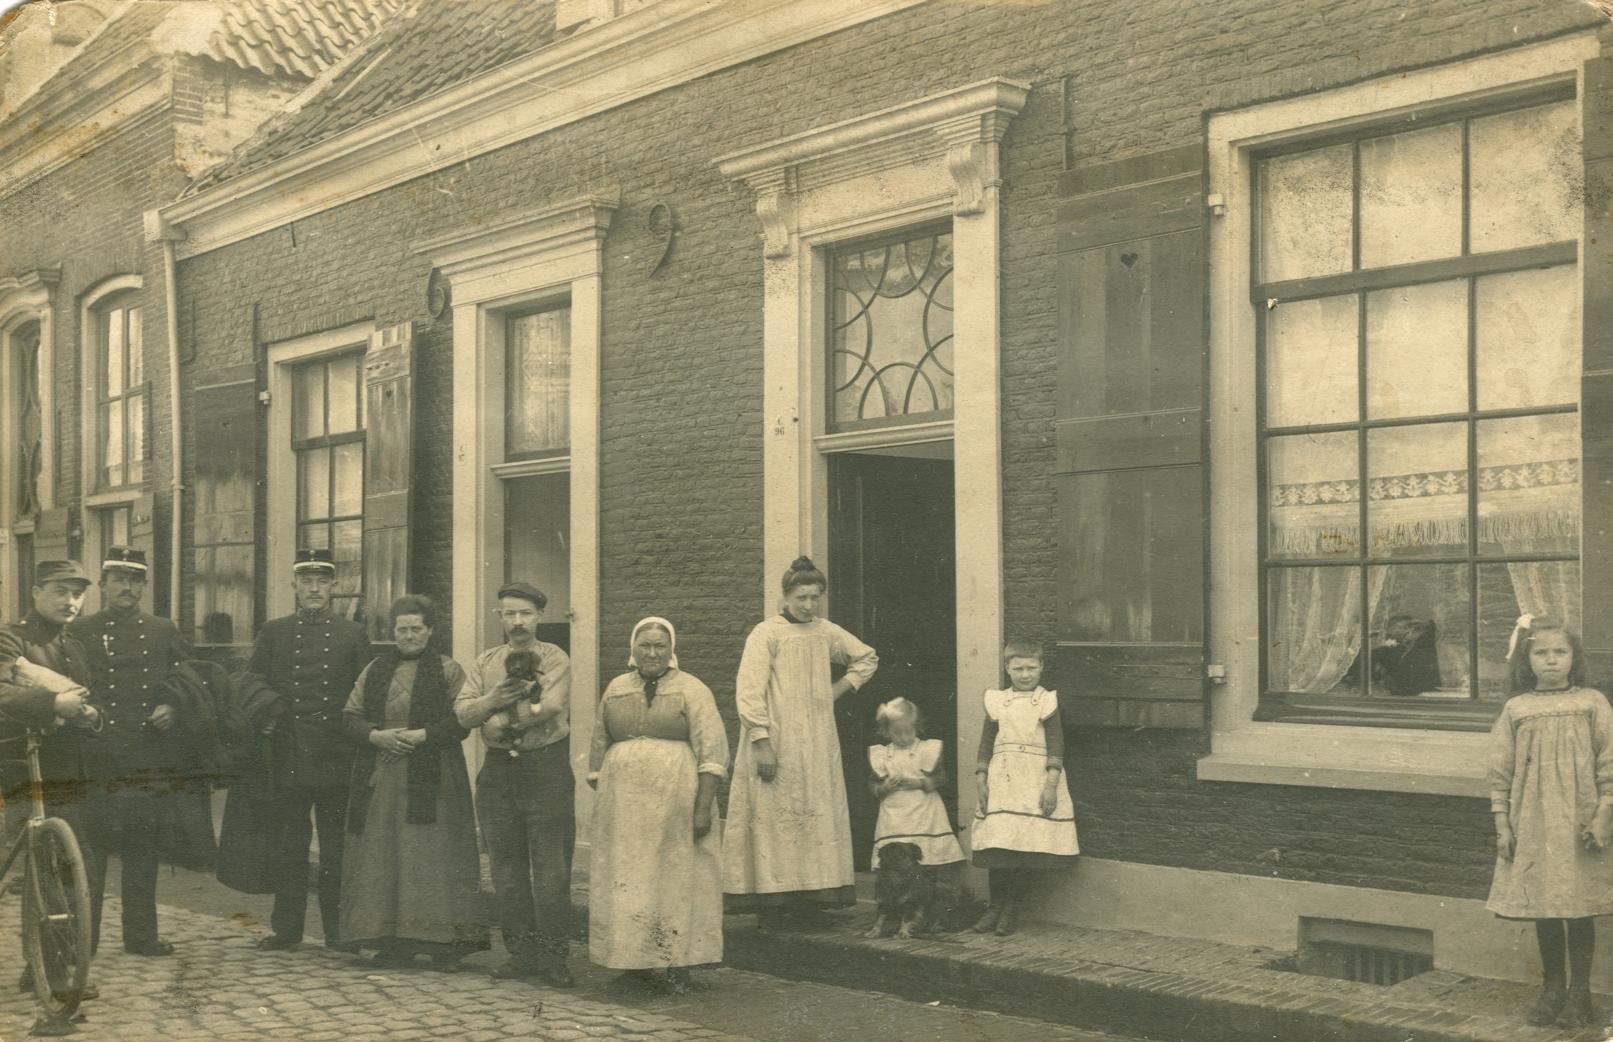 Barbara Helena van Meeteren (1887-1916), Constantia Helena Barbara Schoots (1911-1949), Barbara Margaretha Schoots (1906-1991) in Harderwijk ca 1915